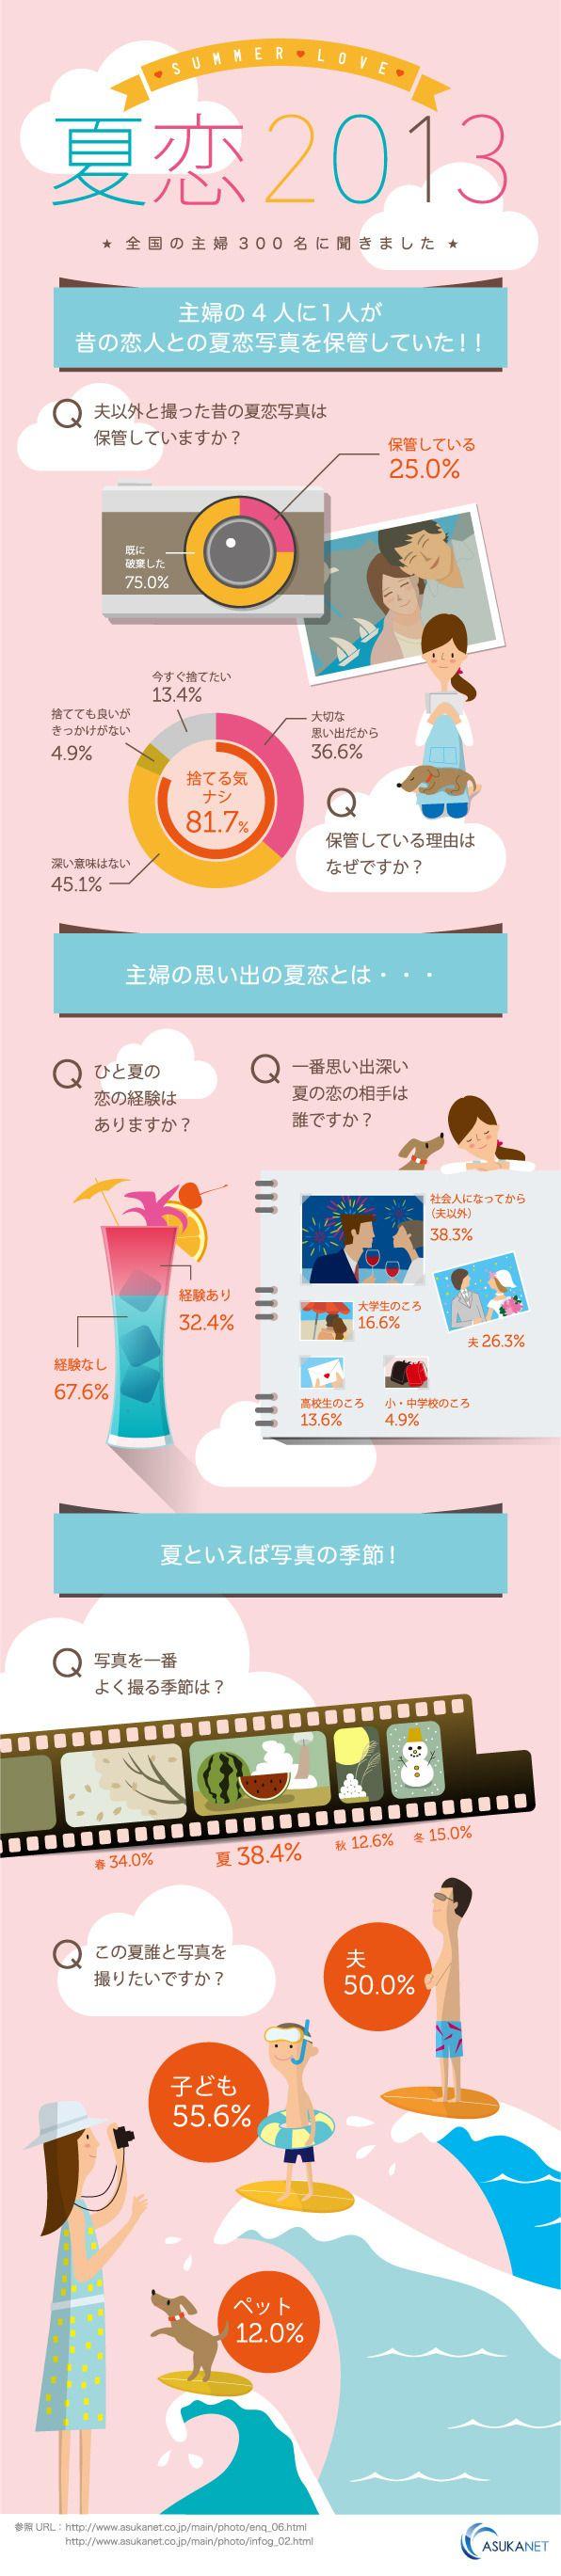 infogra.me(インフォグラミー)| 夏恋2013〜『夏の恋と写真』インフォグラフィック〜